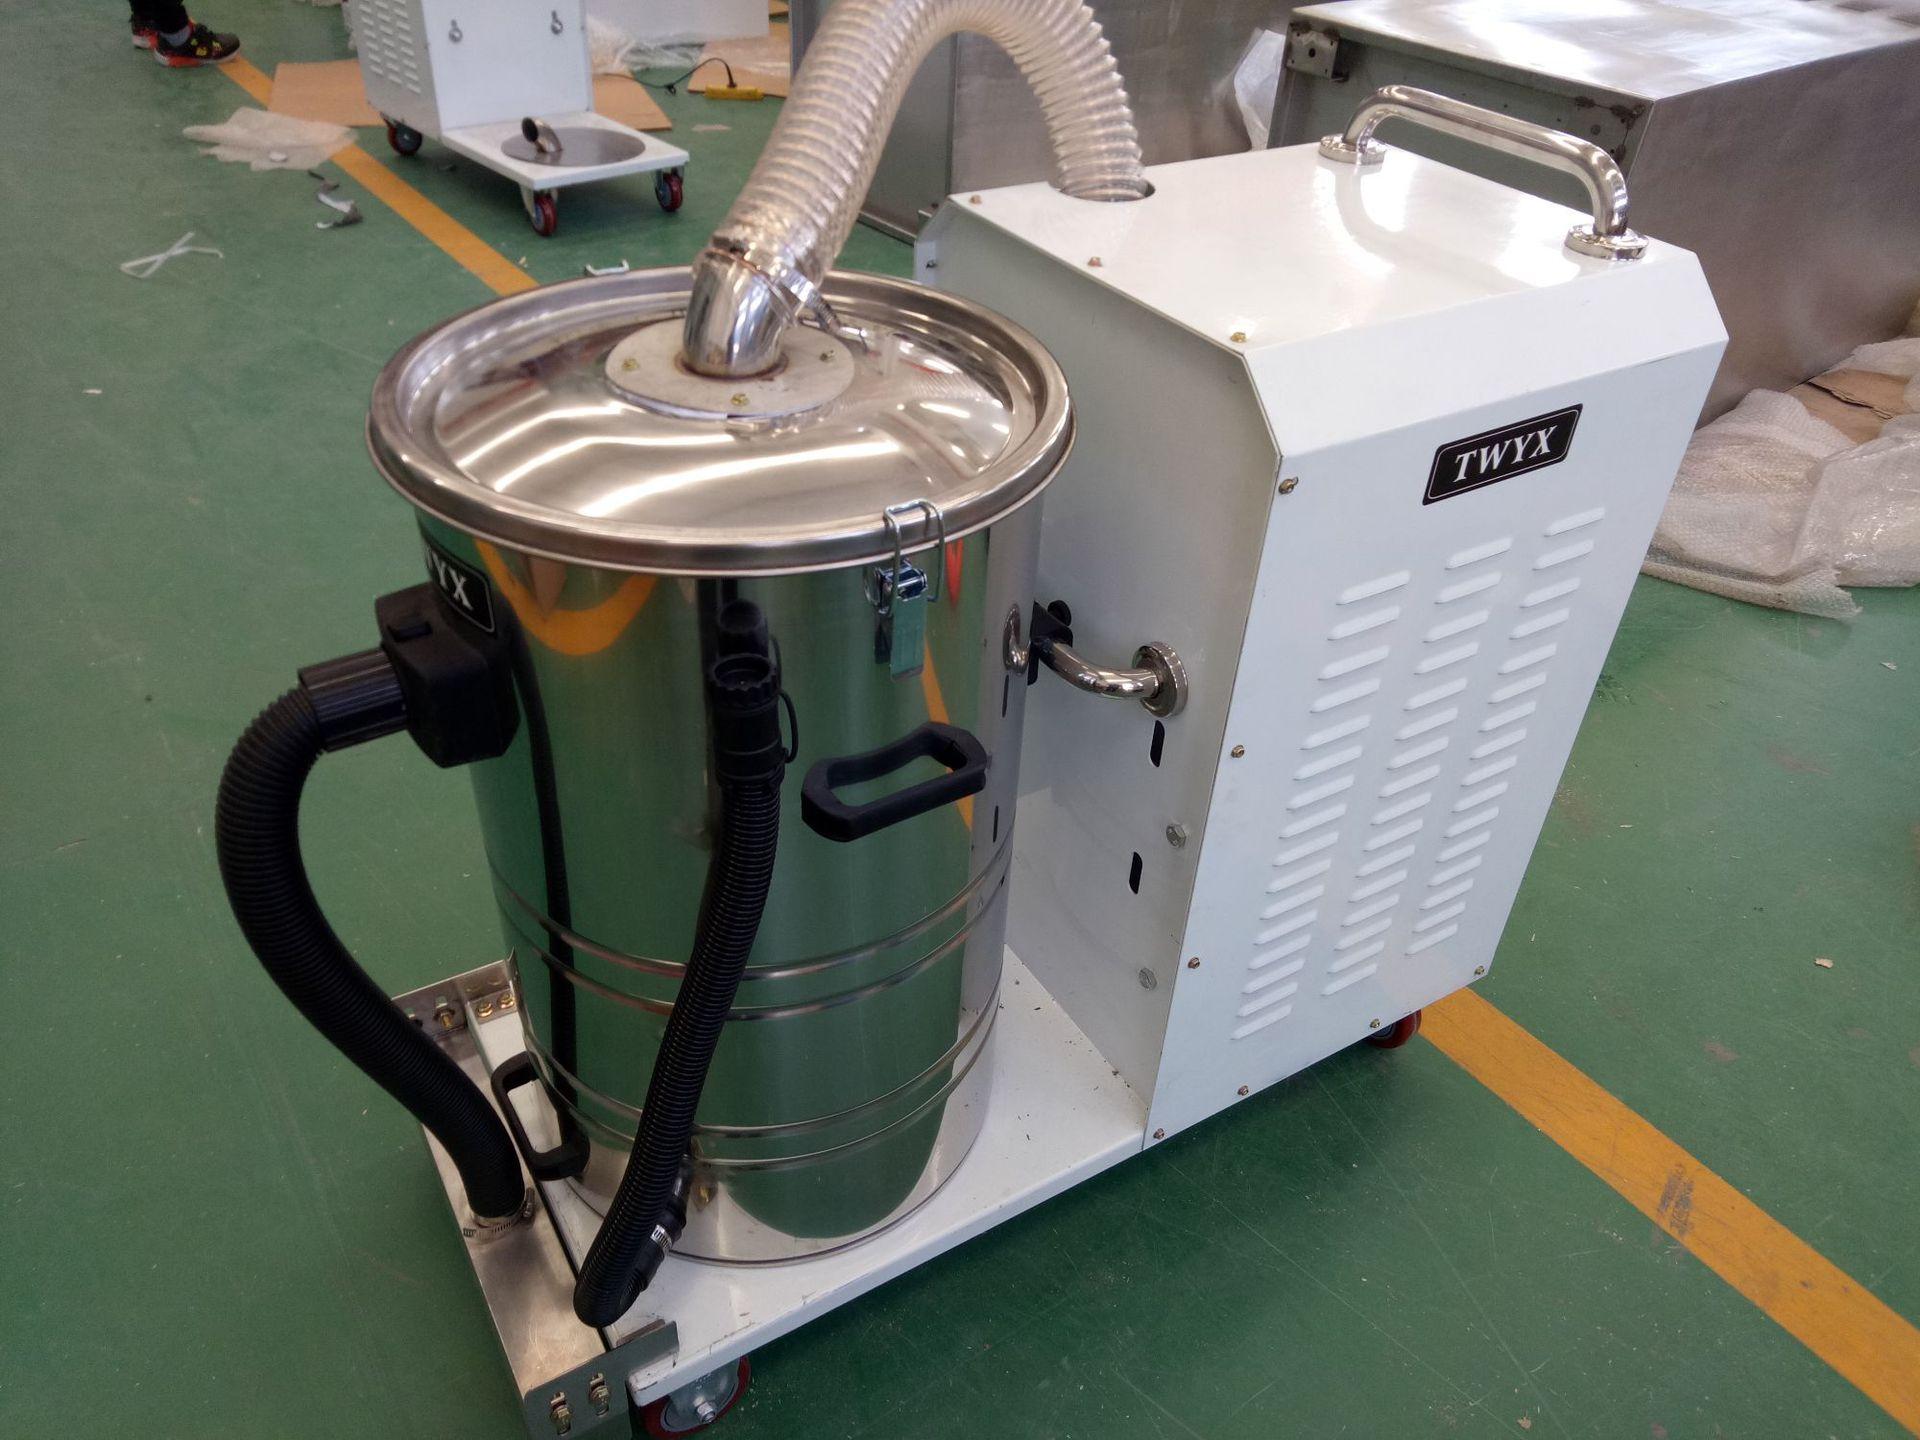 厂家吸石墨粉尘吸尘器 移动式脉冲反吹工业吸尘器 铝屑吸尘器示例图21